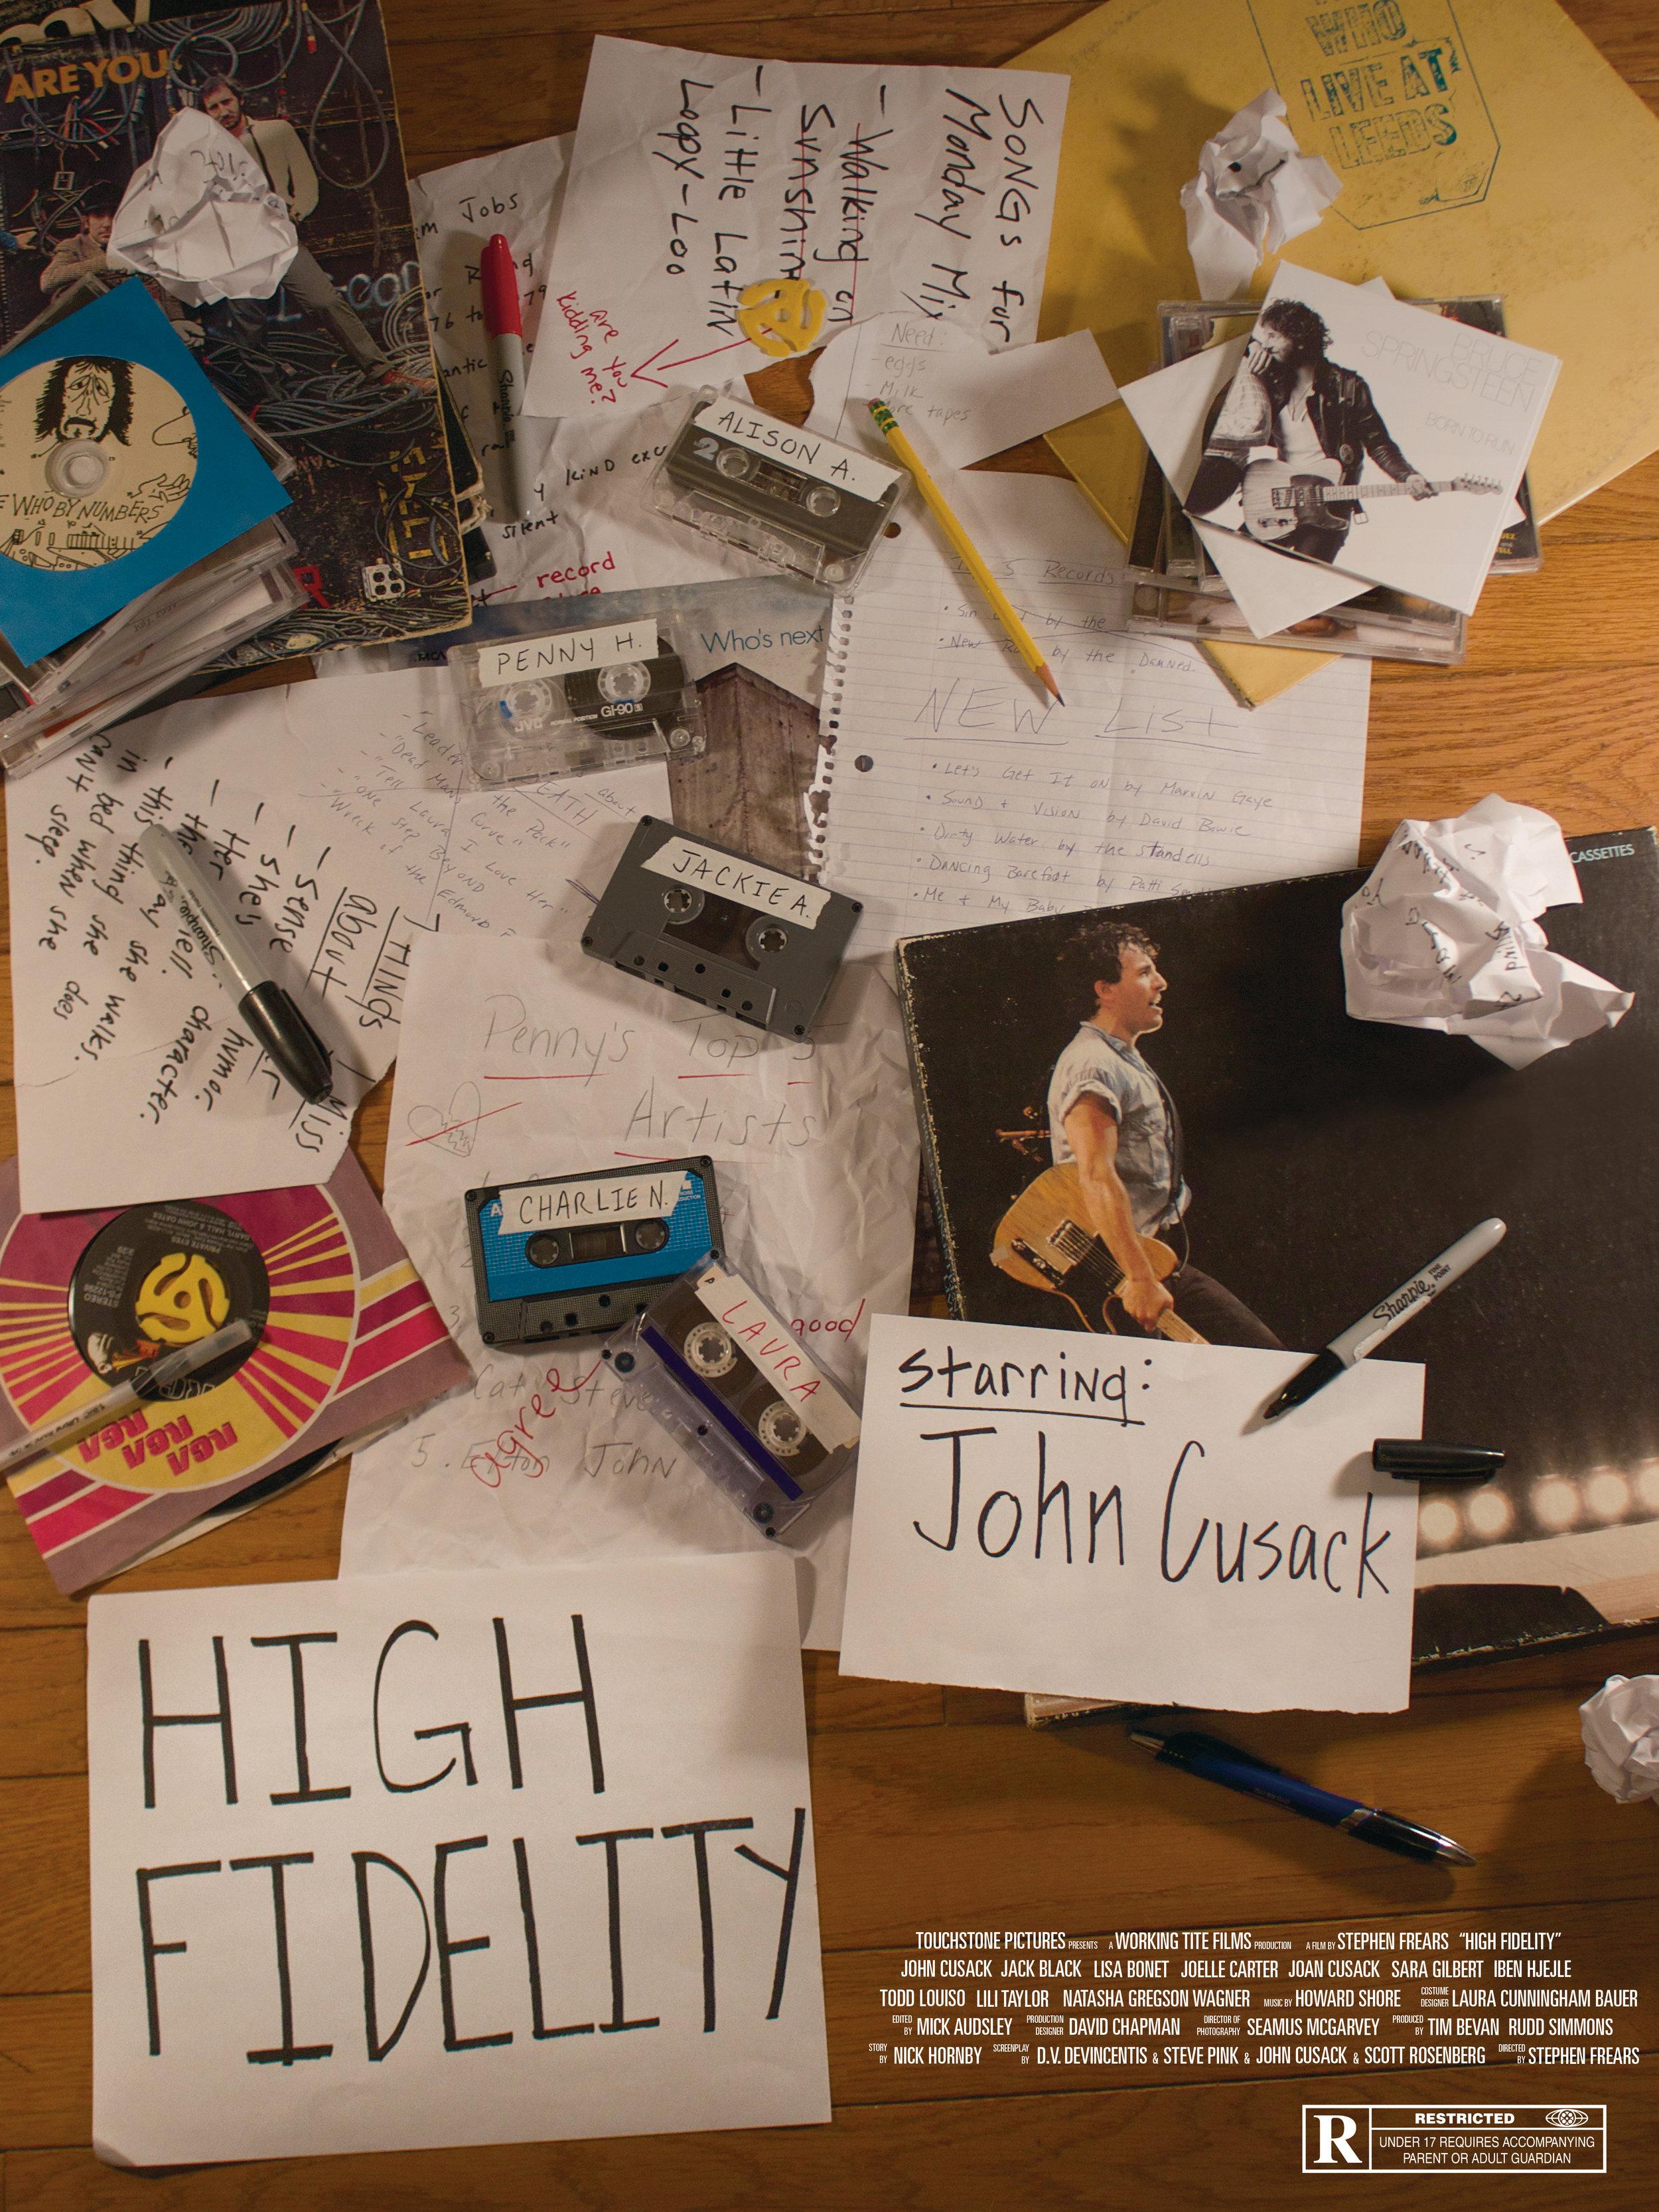 high fidelity poster.jpg